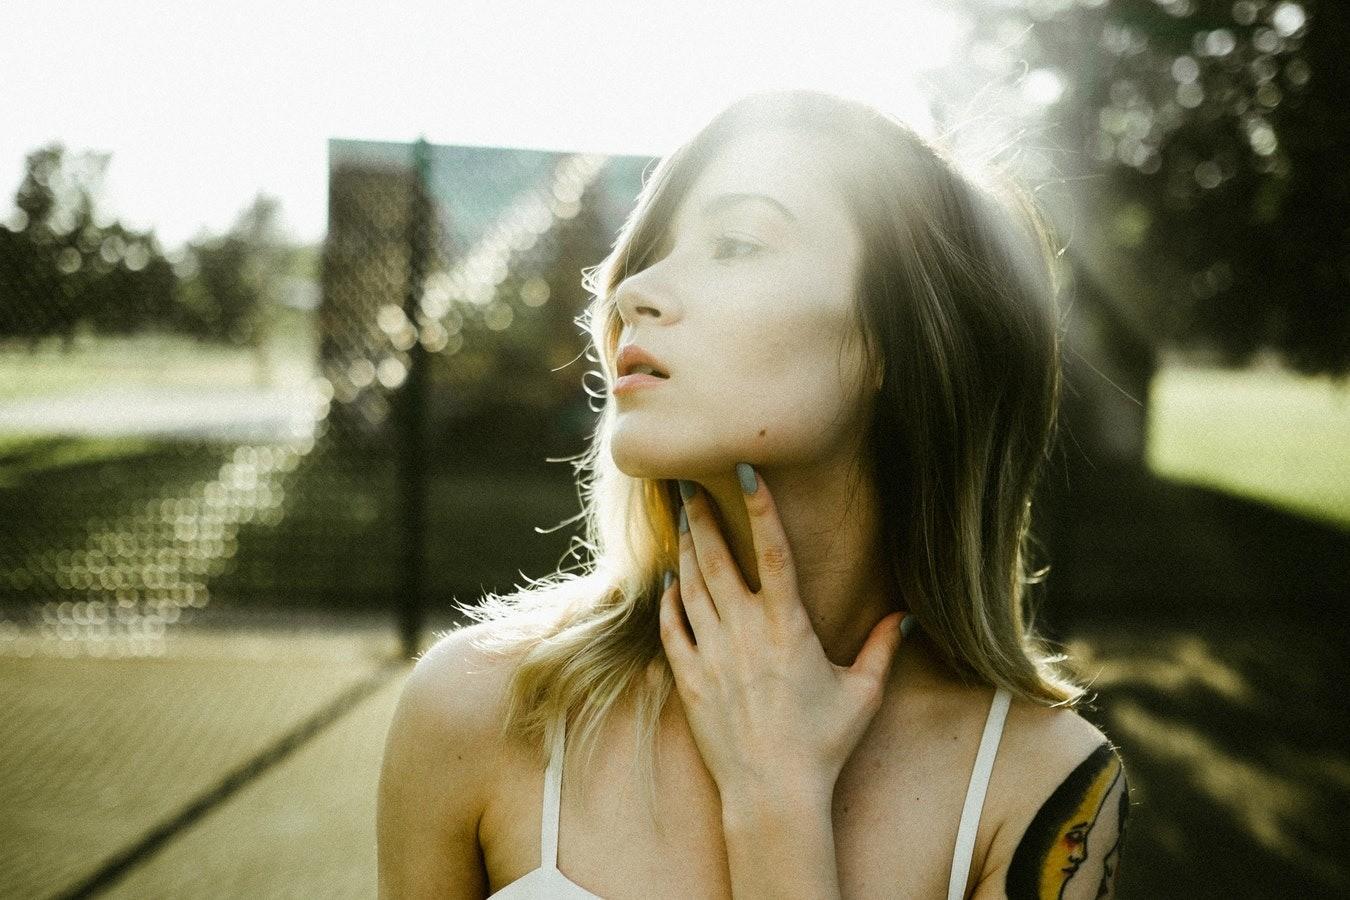 Как быстро вылечить горло: народные средства и методы лечения